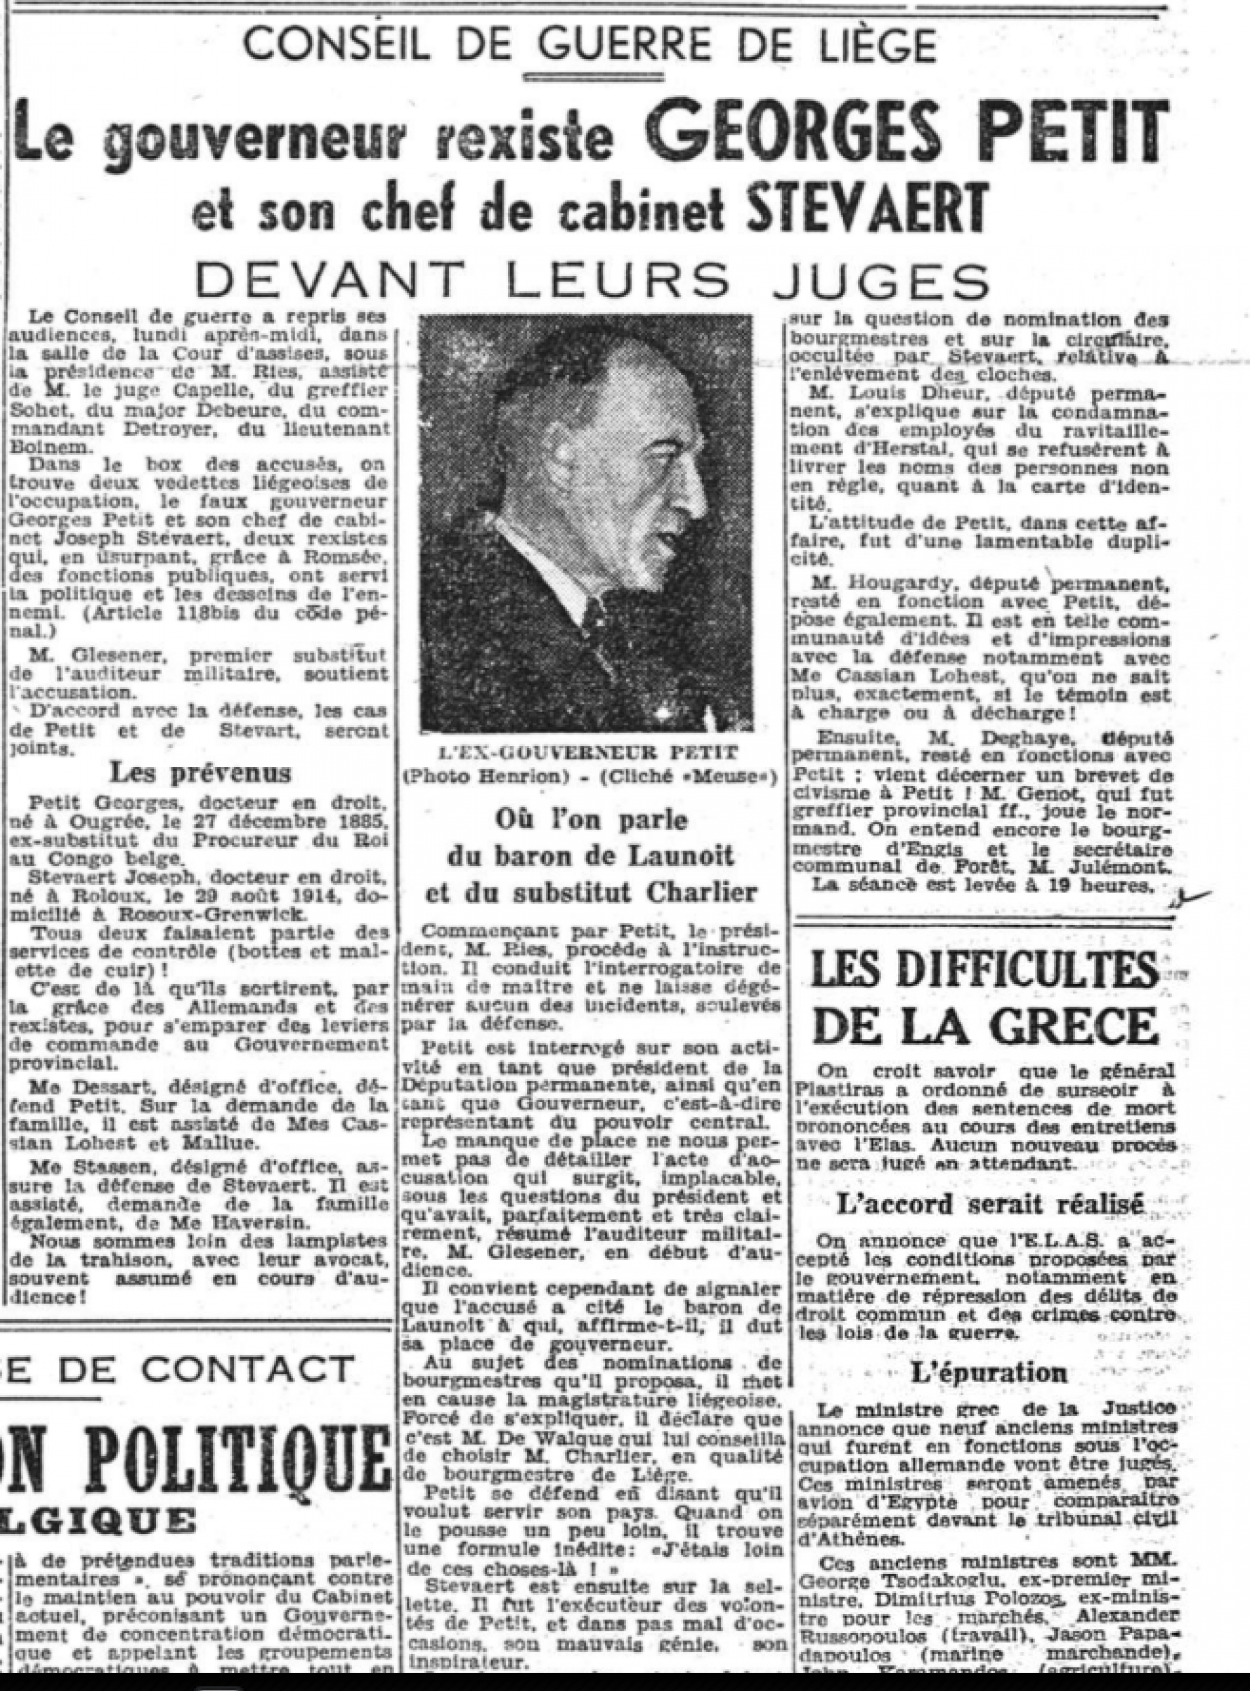 la-meuse-7-2-1945-p-1.png